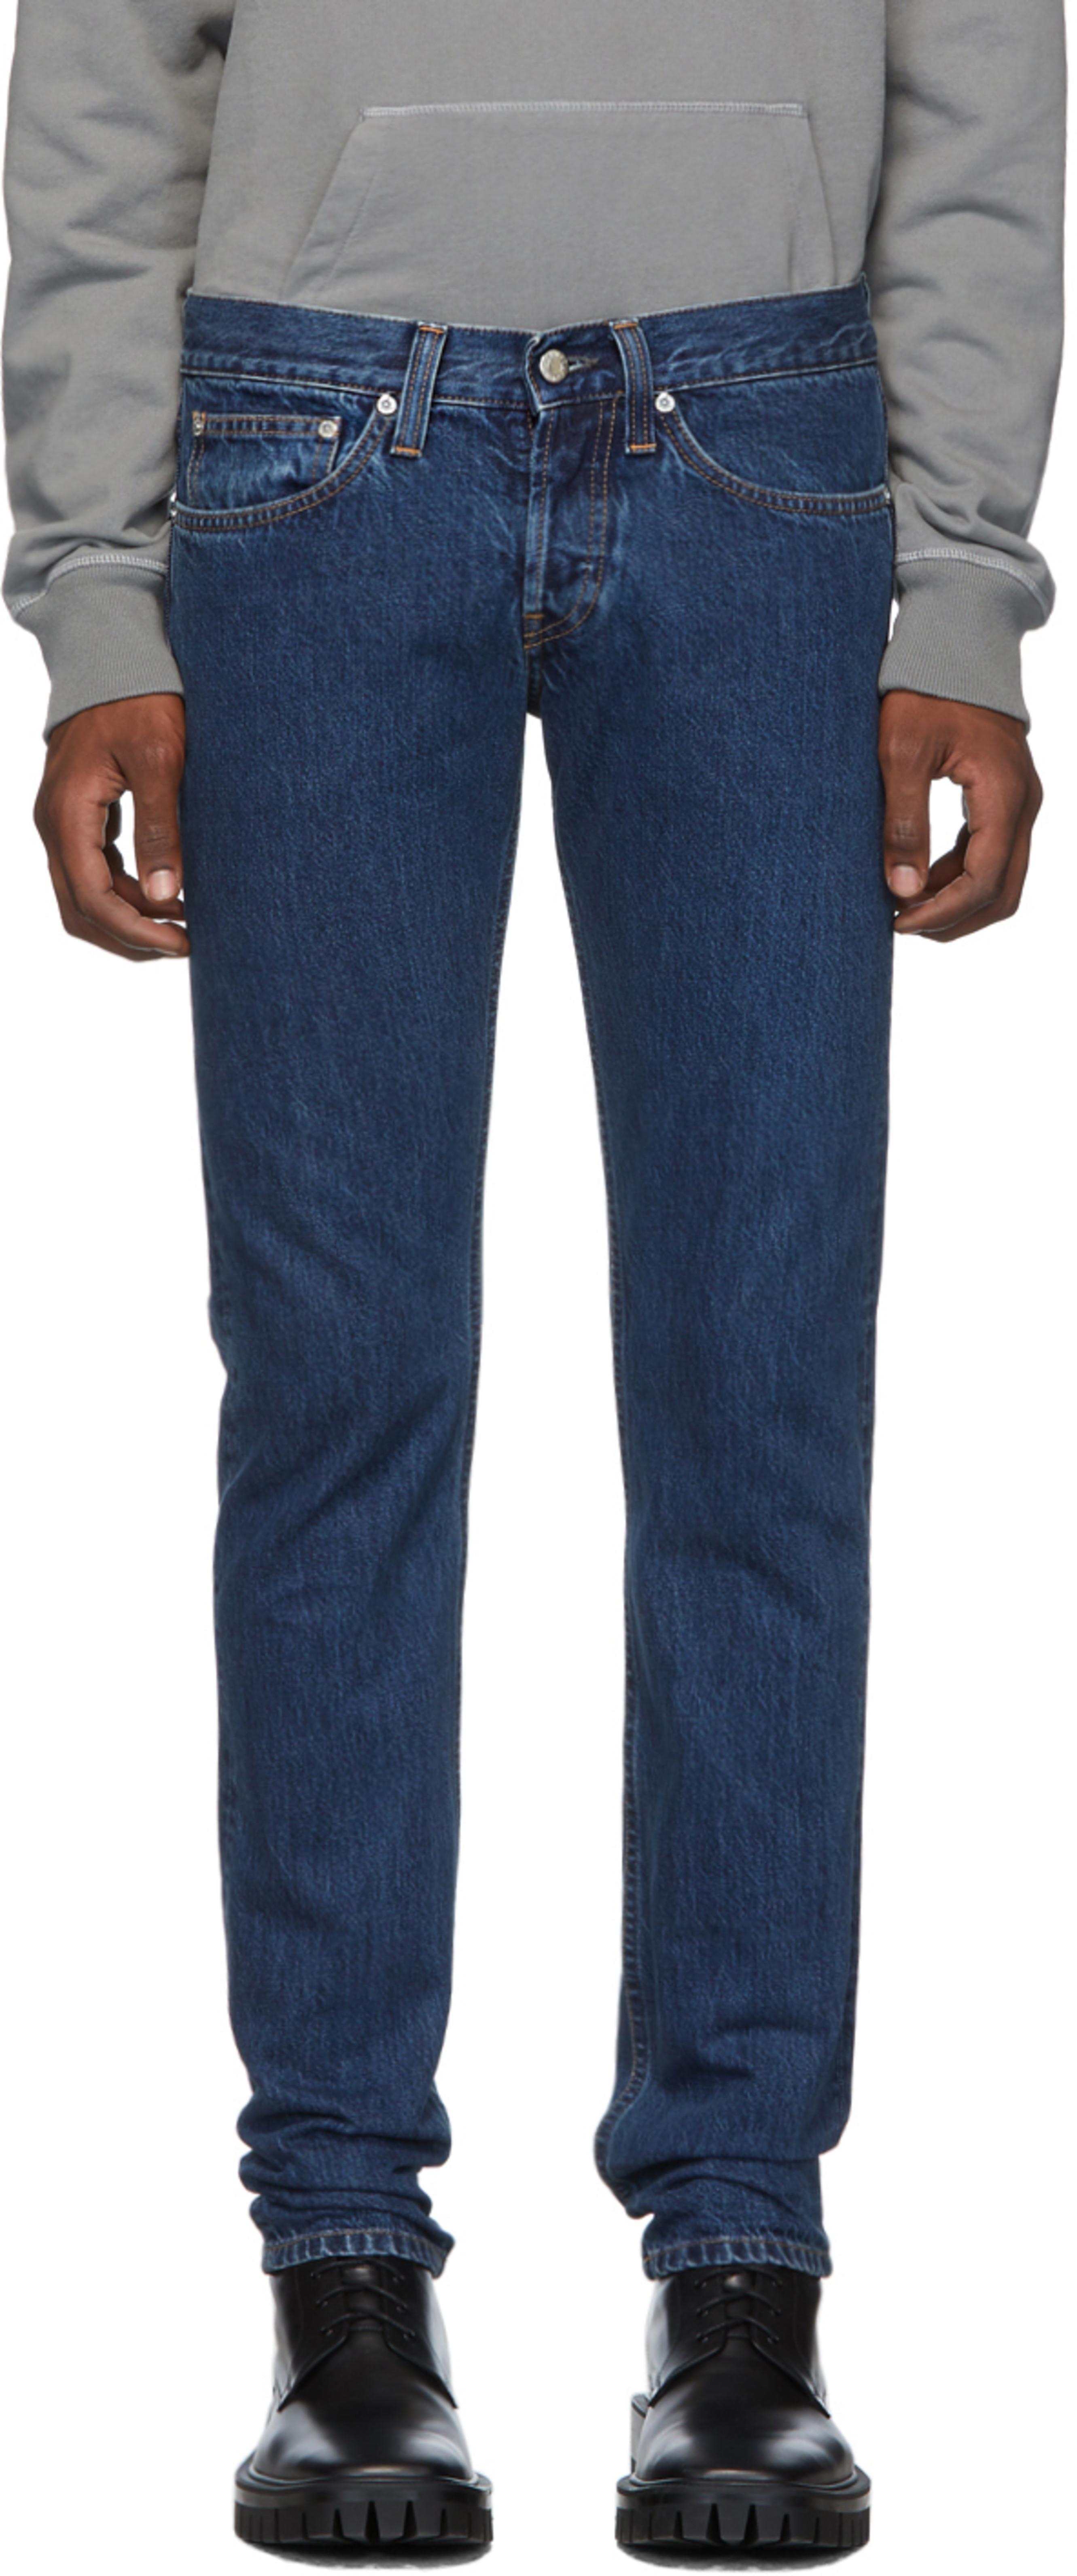 Blue Masc Lo Drainpipe Jeans